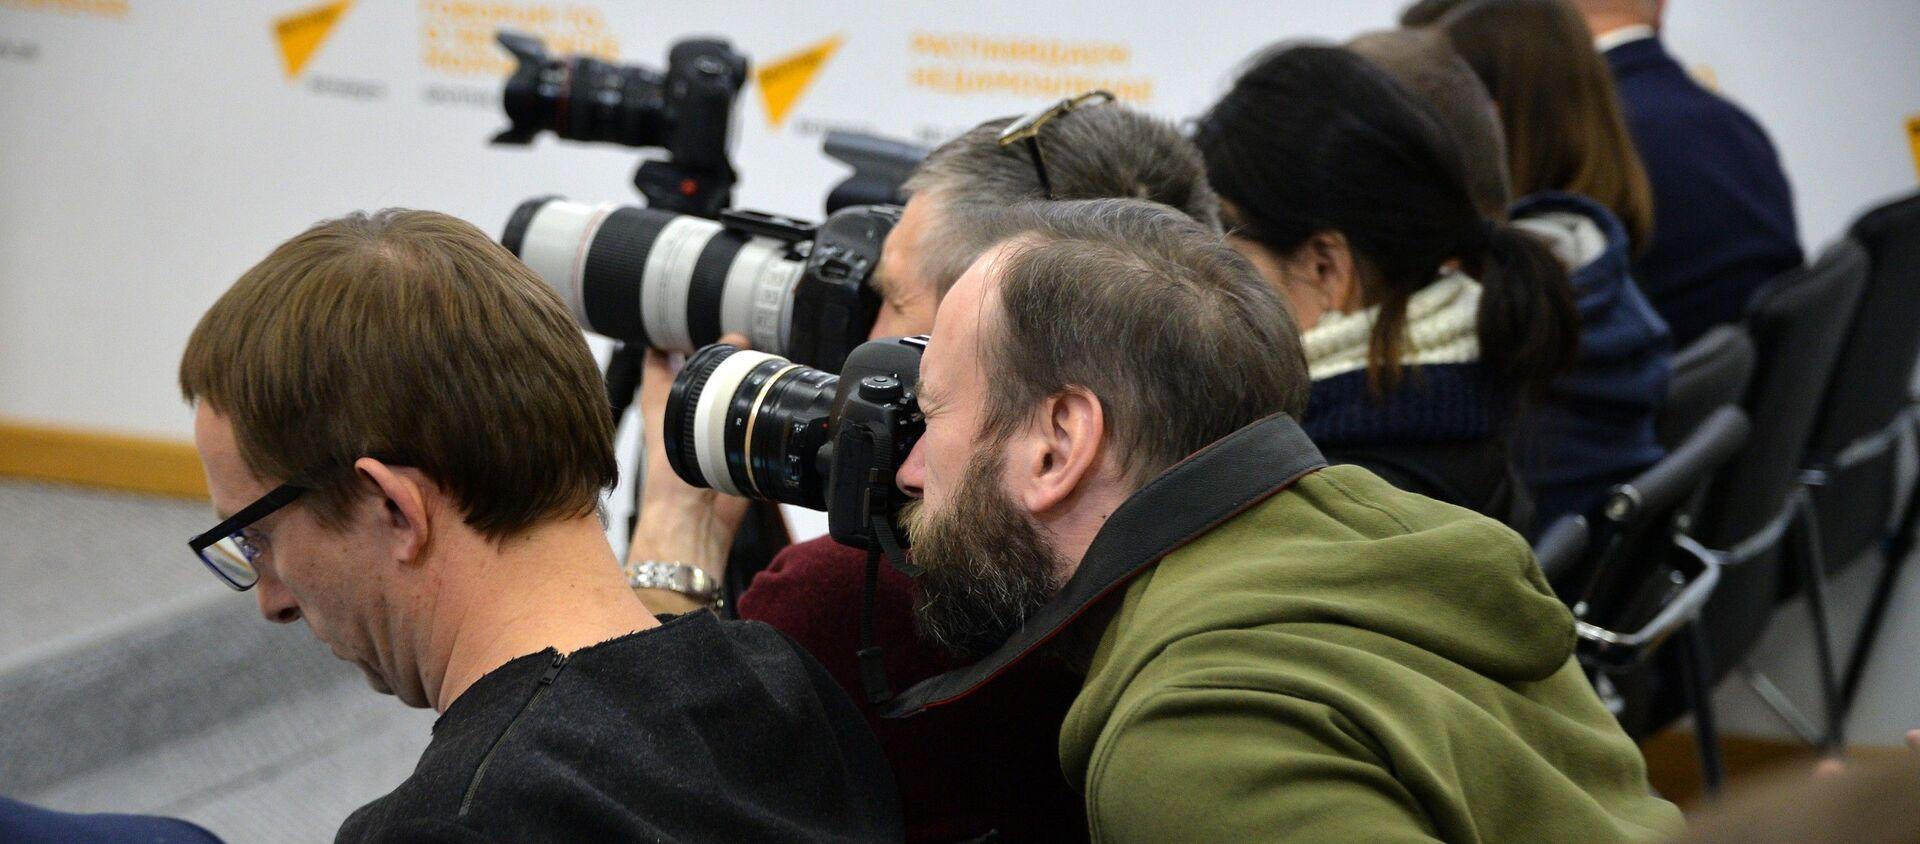 Журналисты в пресс-центре Sputnik - Sputnik Беларусь, 1920, 27.03.2021